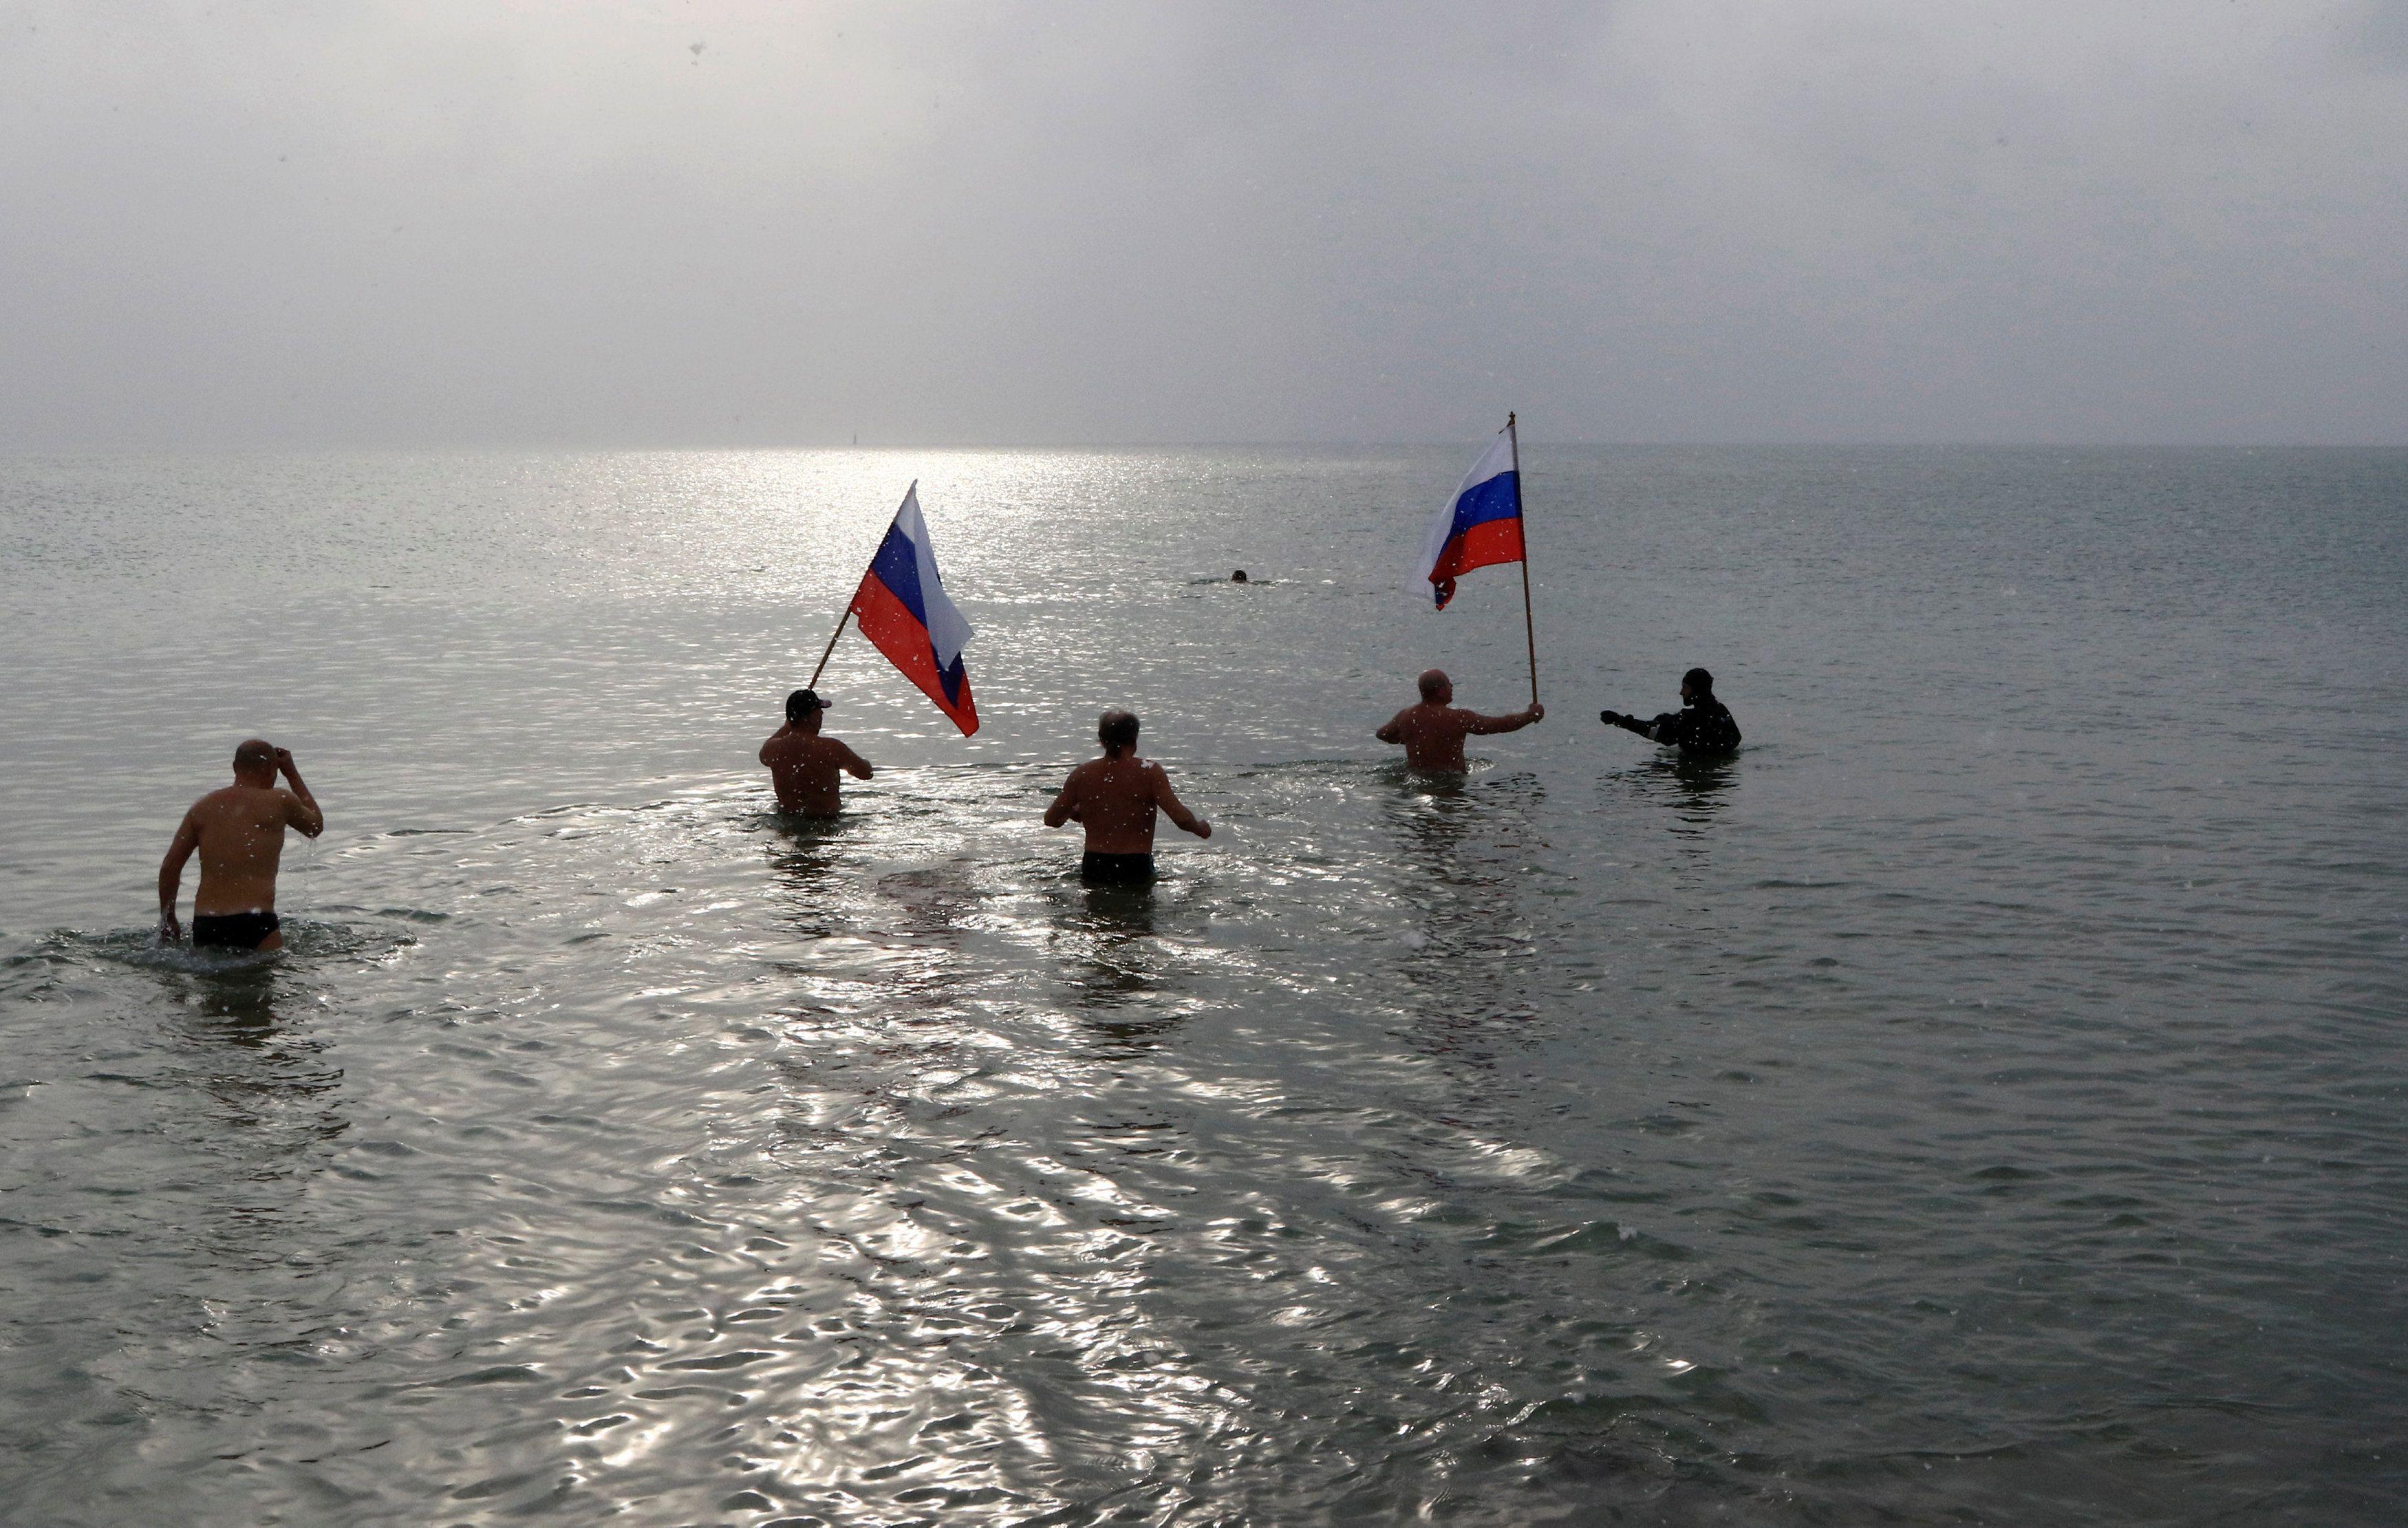 Крым, море, флаг, Россия